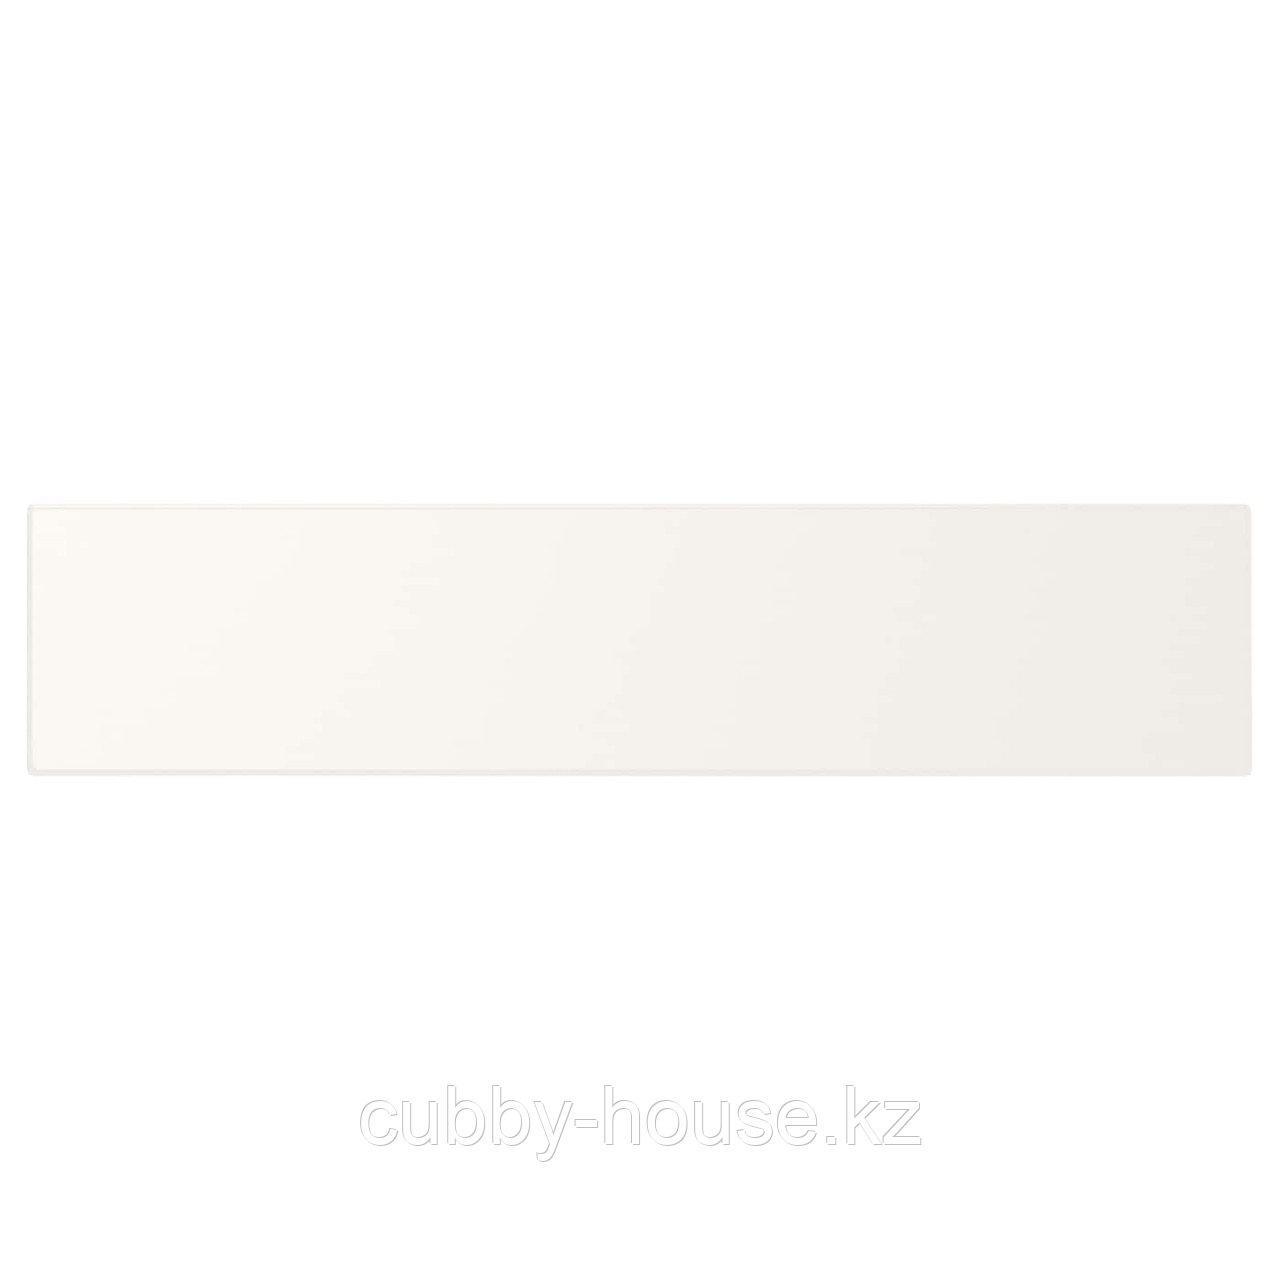 УТРУСТА Фронтальная панель ящика, низкая, белый, 80 см